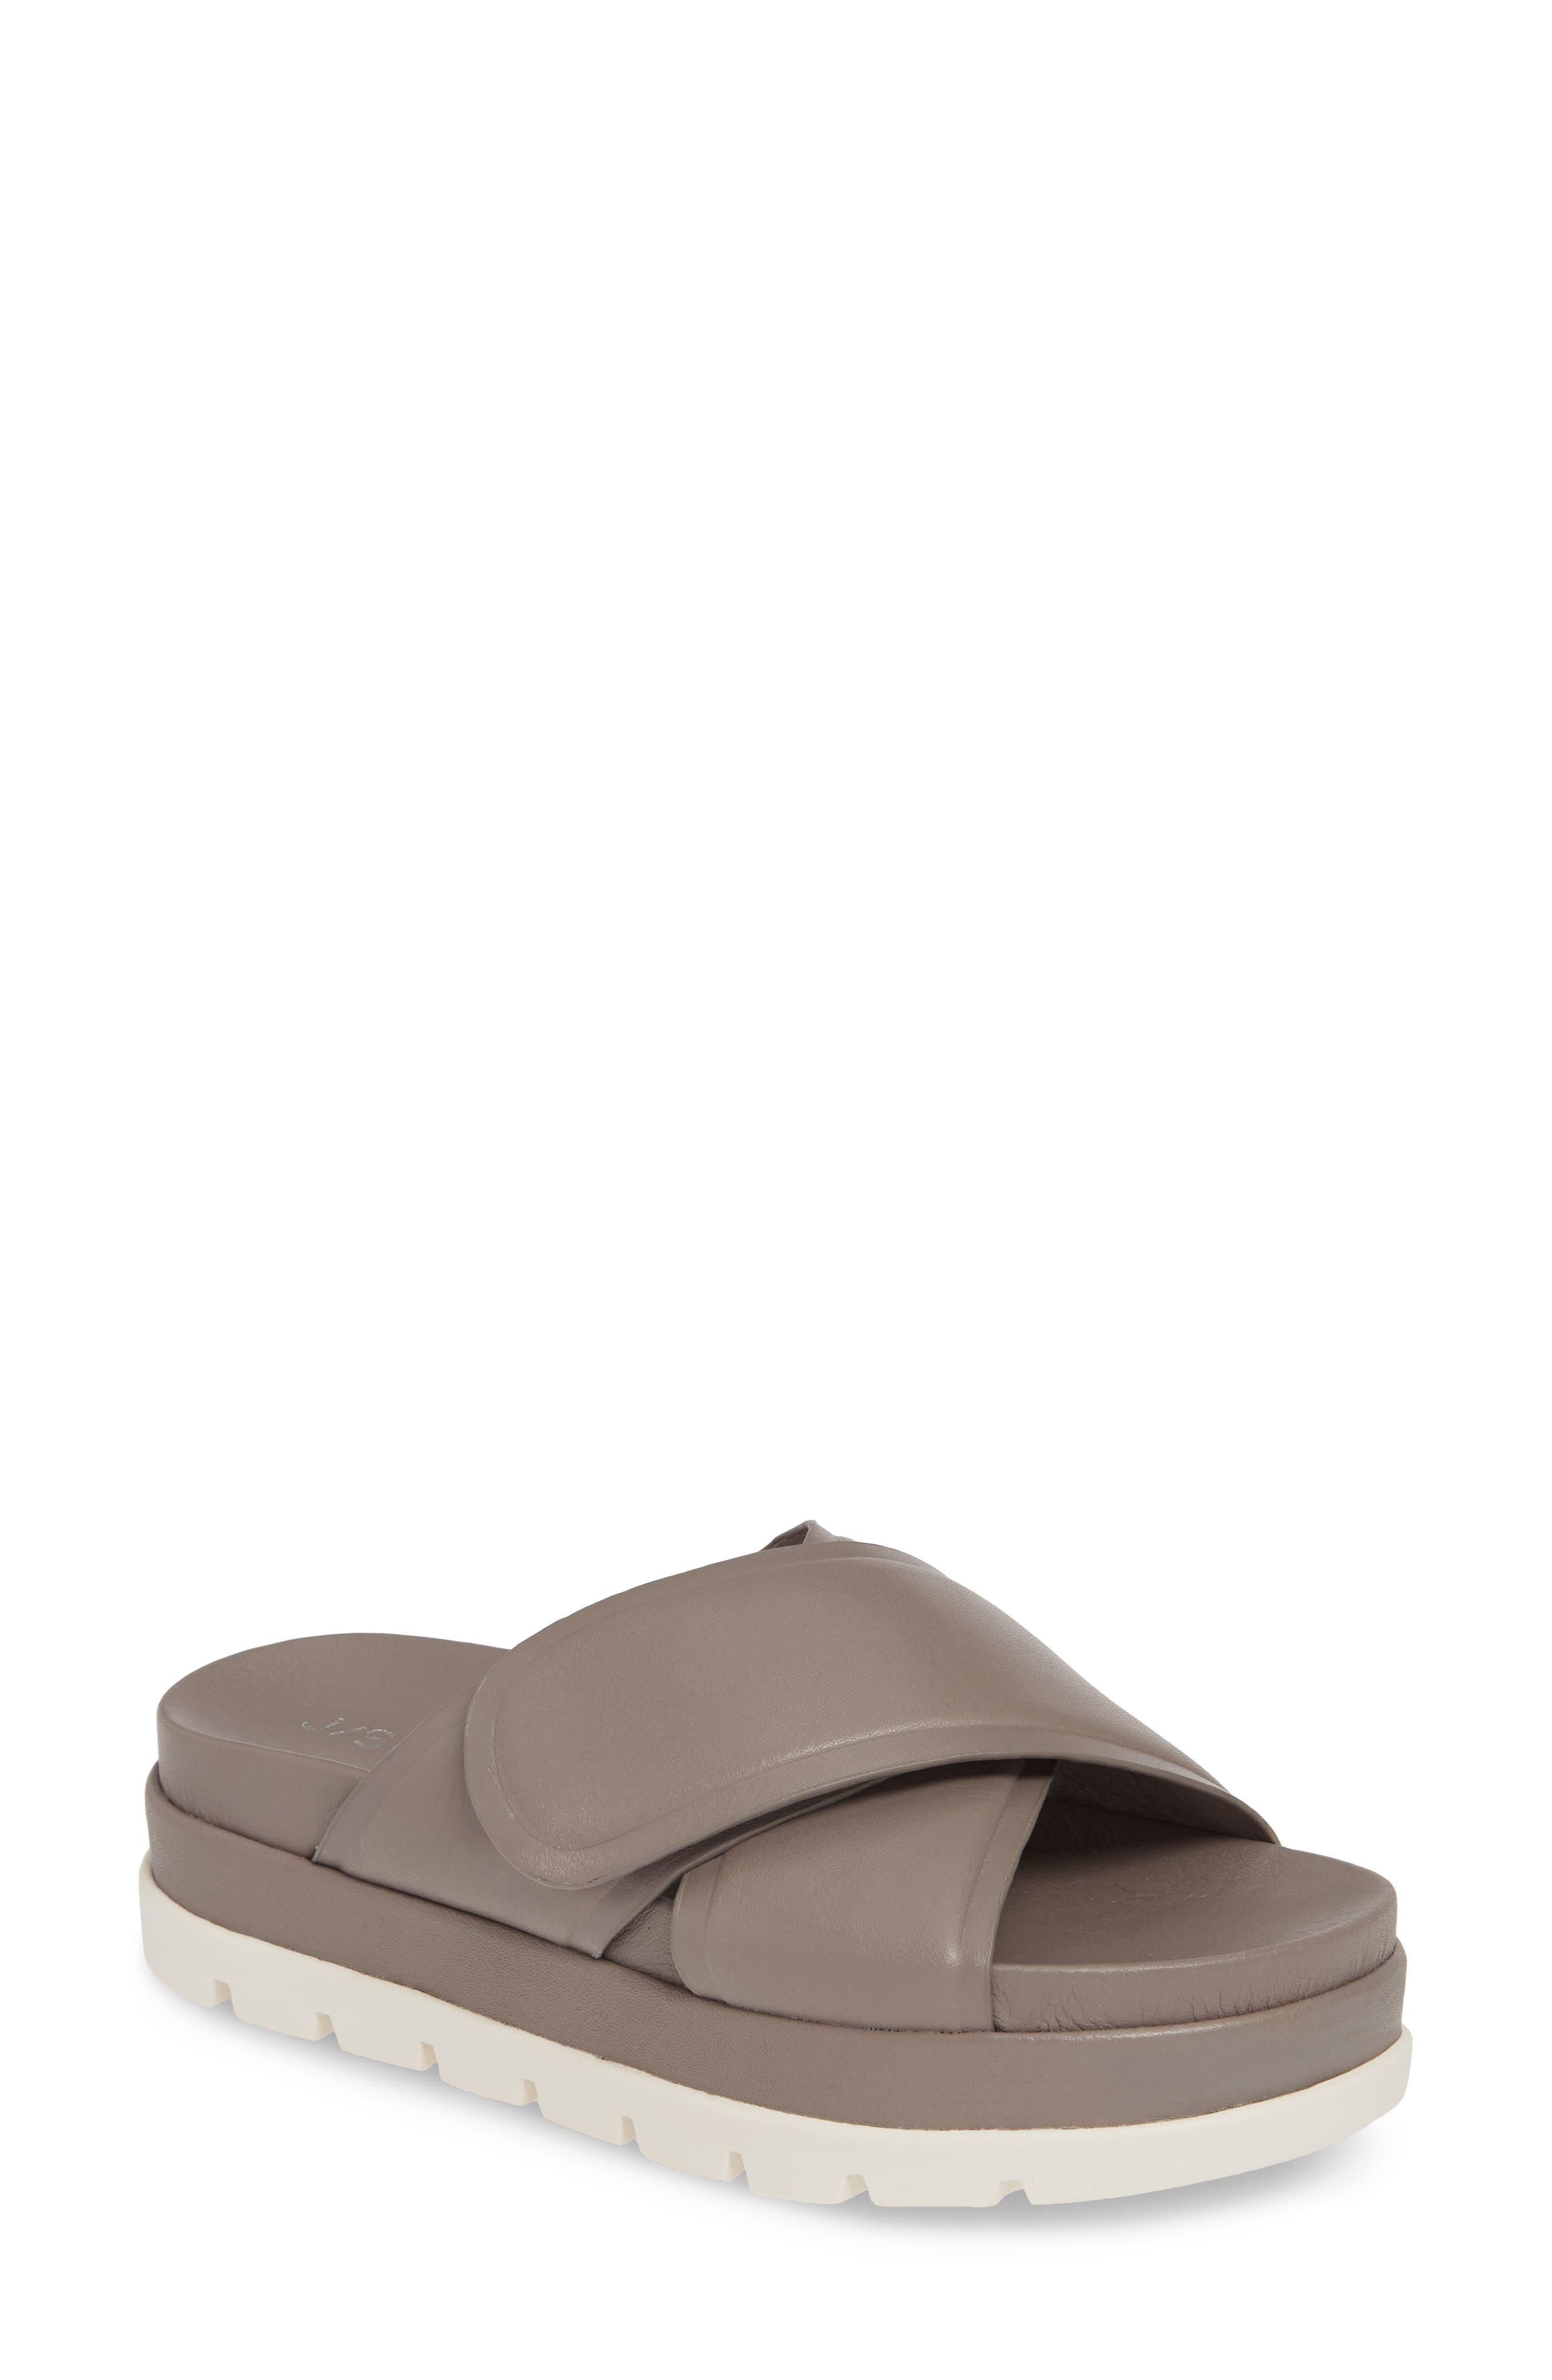 Jslides Bella Platform Slide Sandal